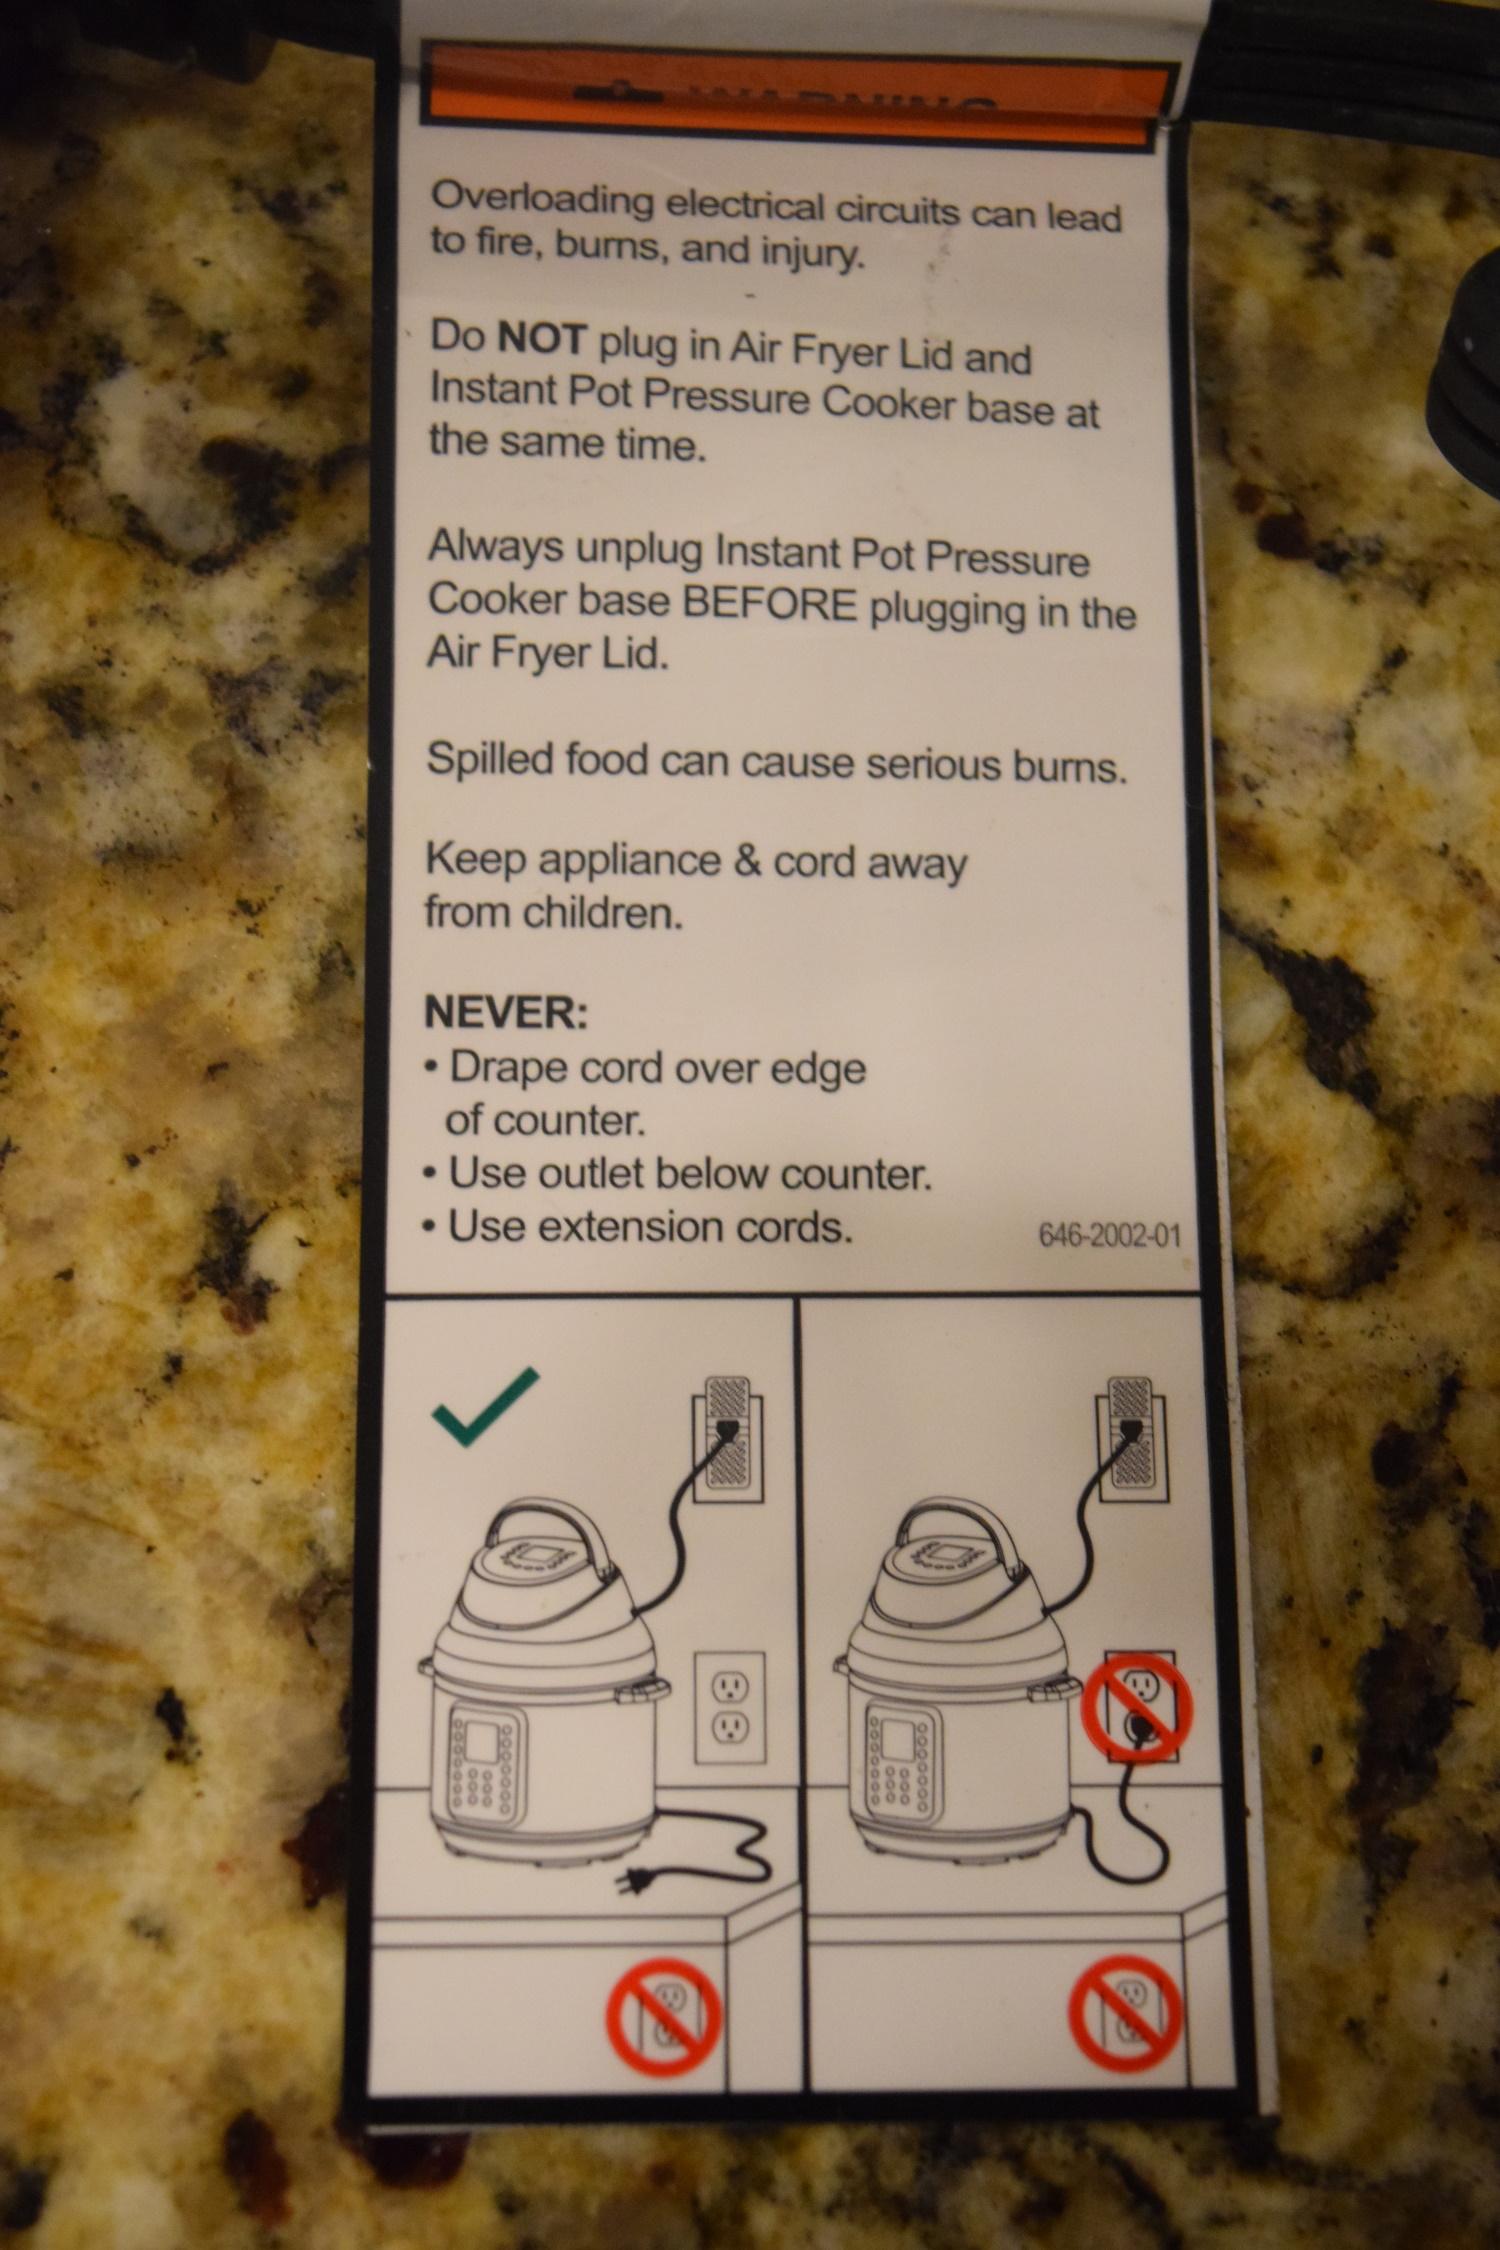 Air fryer crisp lid cautions